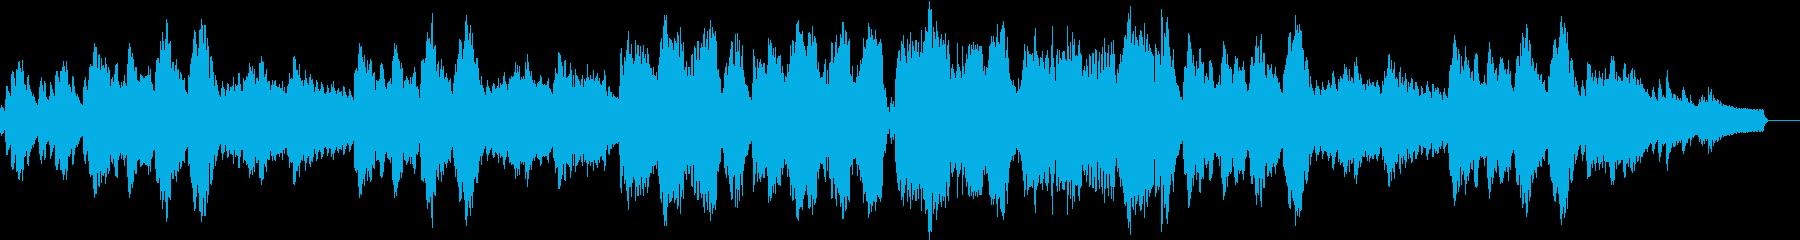 のどかな雰囲気のBGMの再生済みの波形